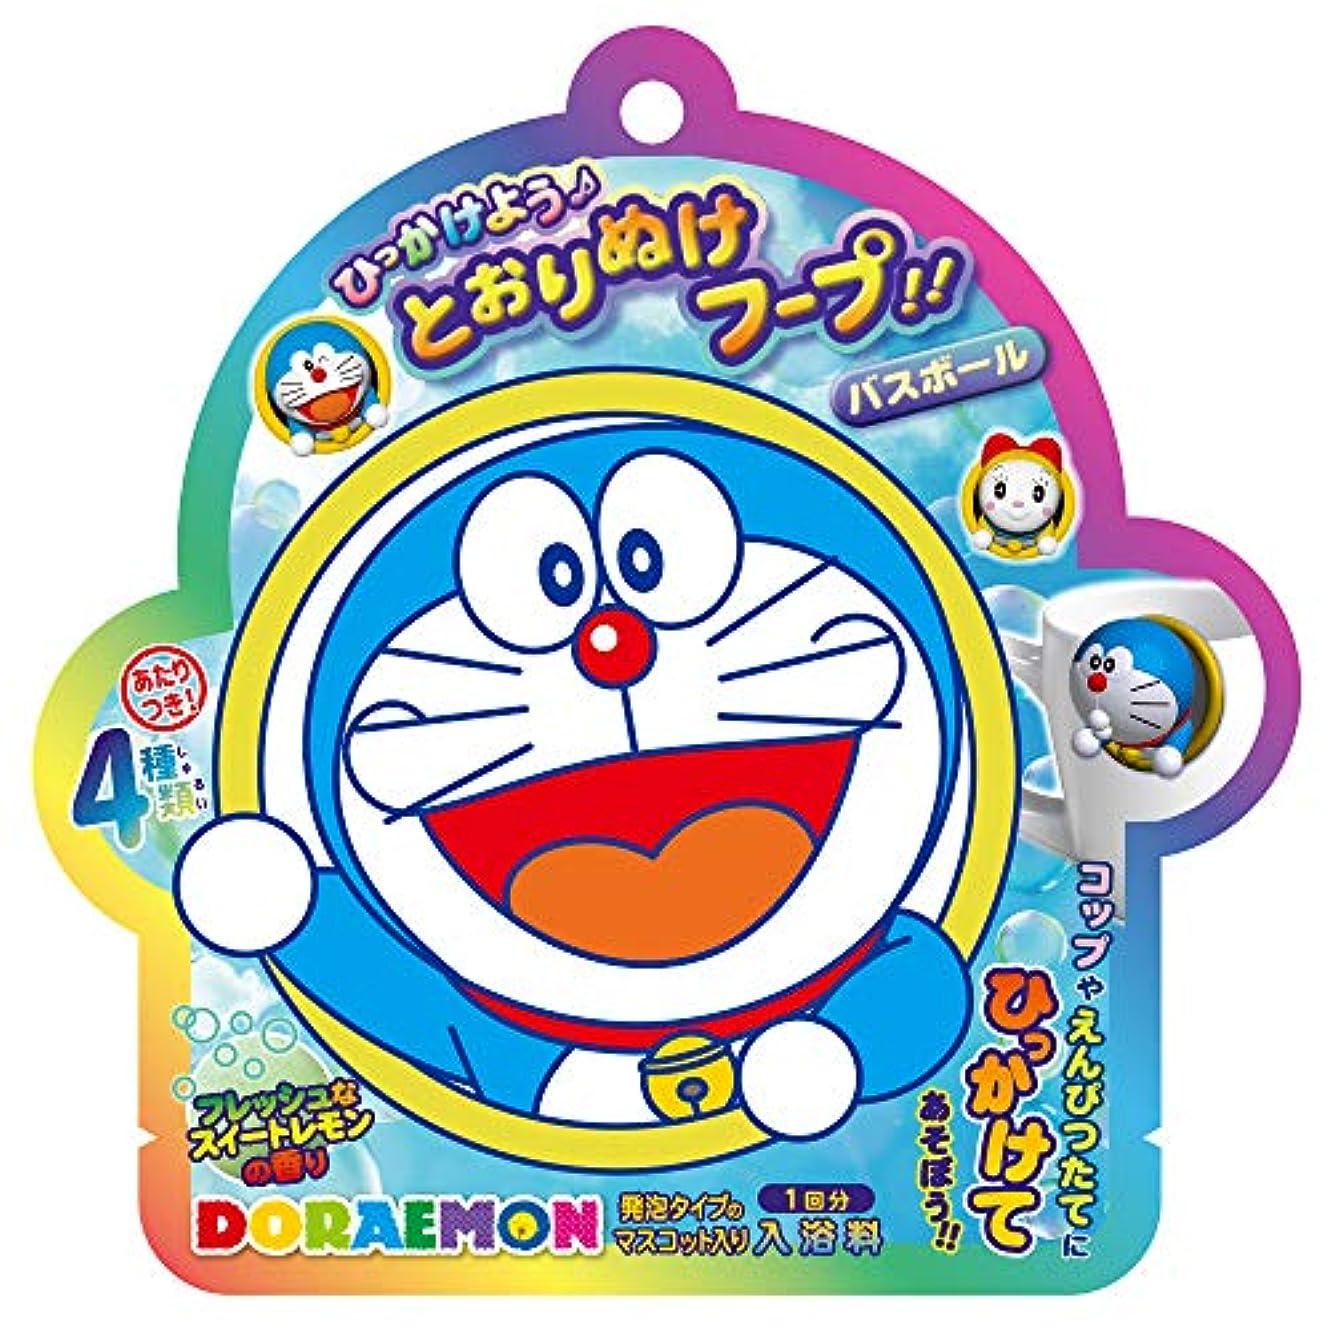 申し込む必要いっぱいドラえもん 入浴剤 バスボール とおりぬけフープ おまけ付き スイートレモンの香り 60g OB-DOB-5-01